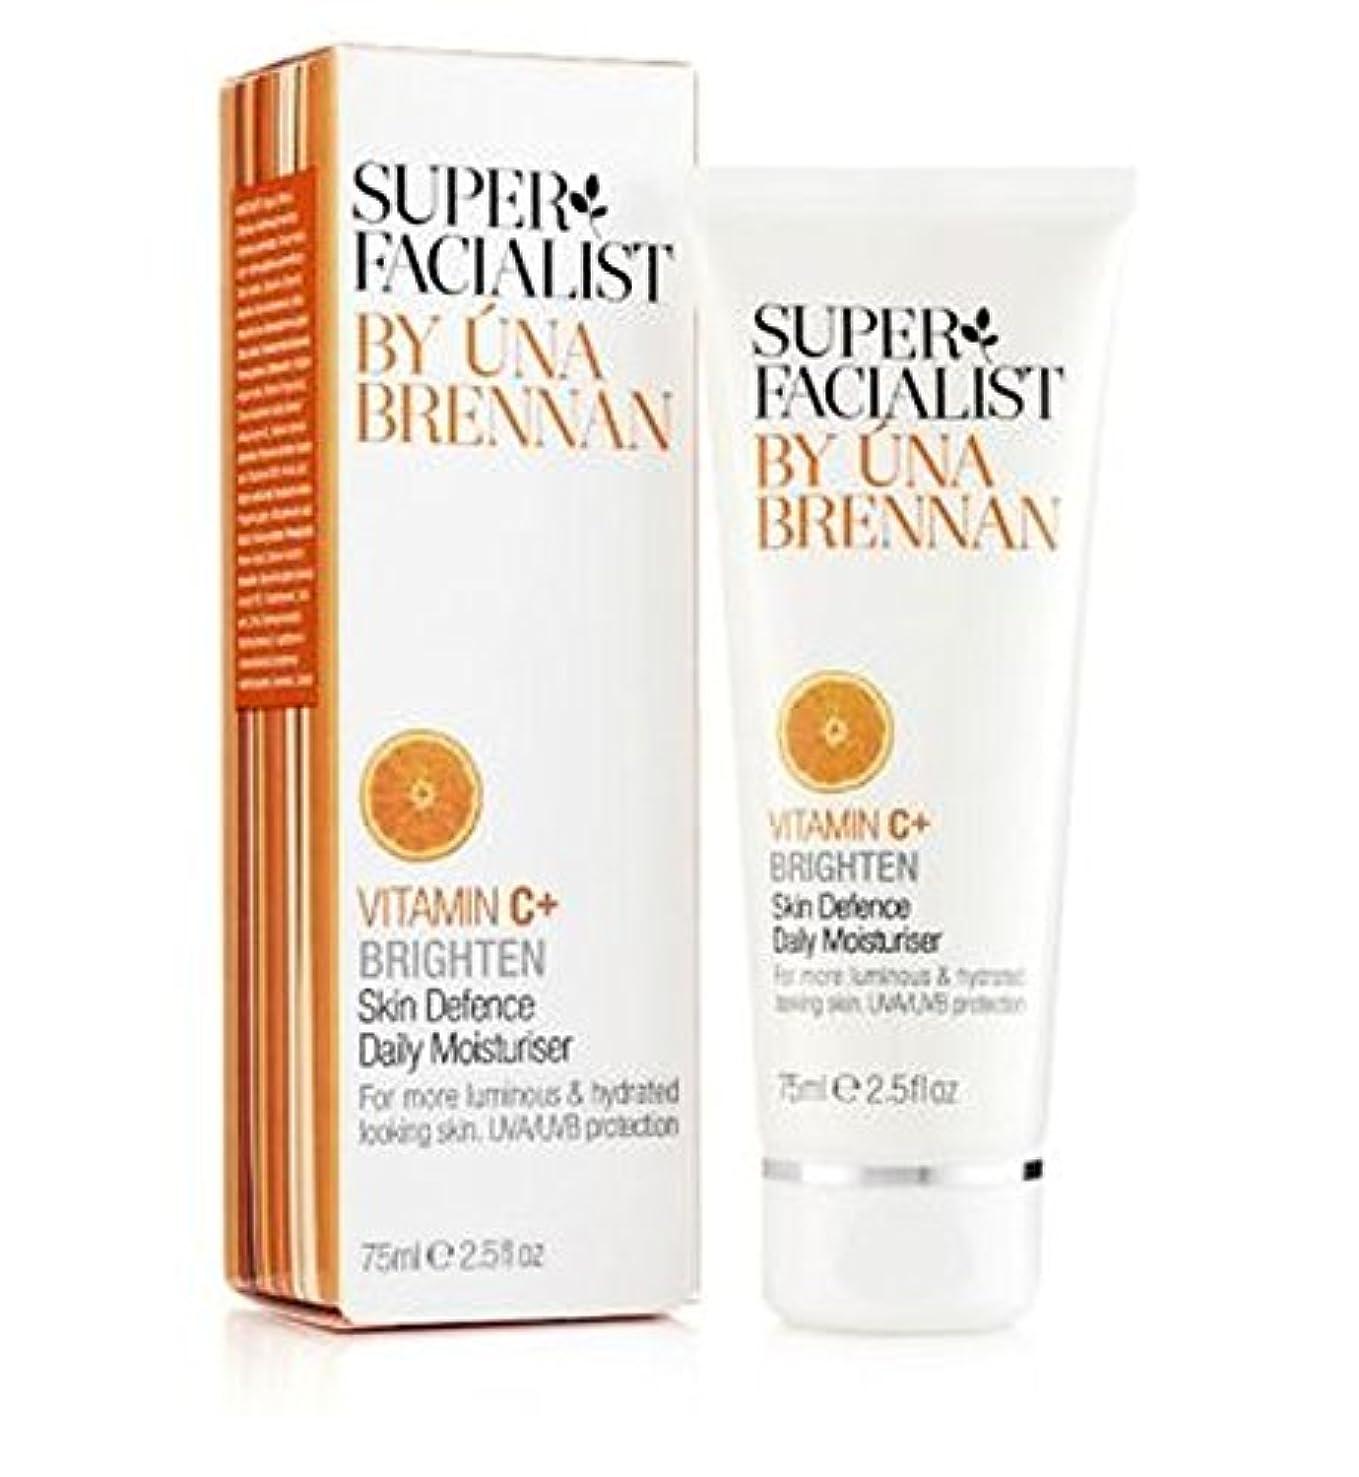 十分な対心臓スーパーFacialistのビタミンC +皮膚の防衛毎日の保湿75ミリリットル (Superfacialist) (x2) - Super Facialist Vitamin C+ Skin Defence Daily Moisturiser 75ml (Pack of 2) [並行輸入品]